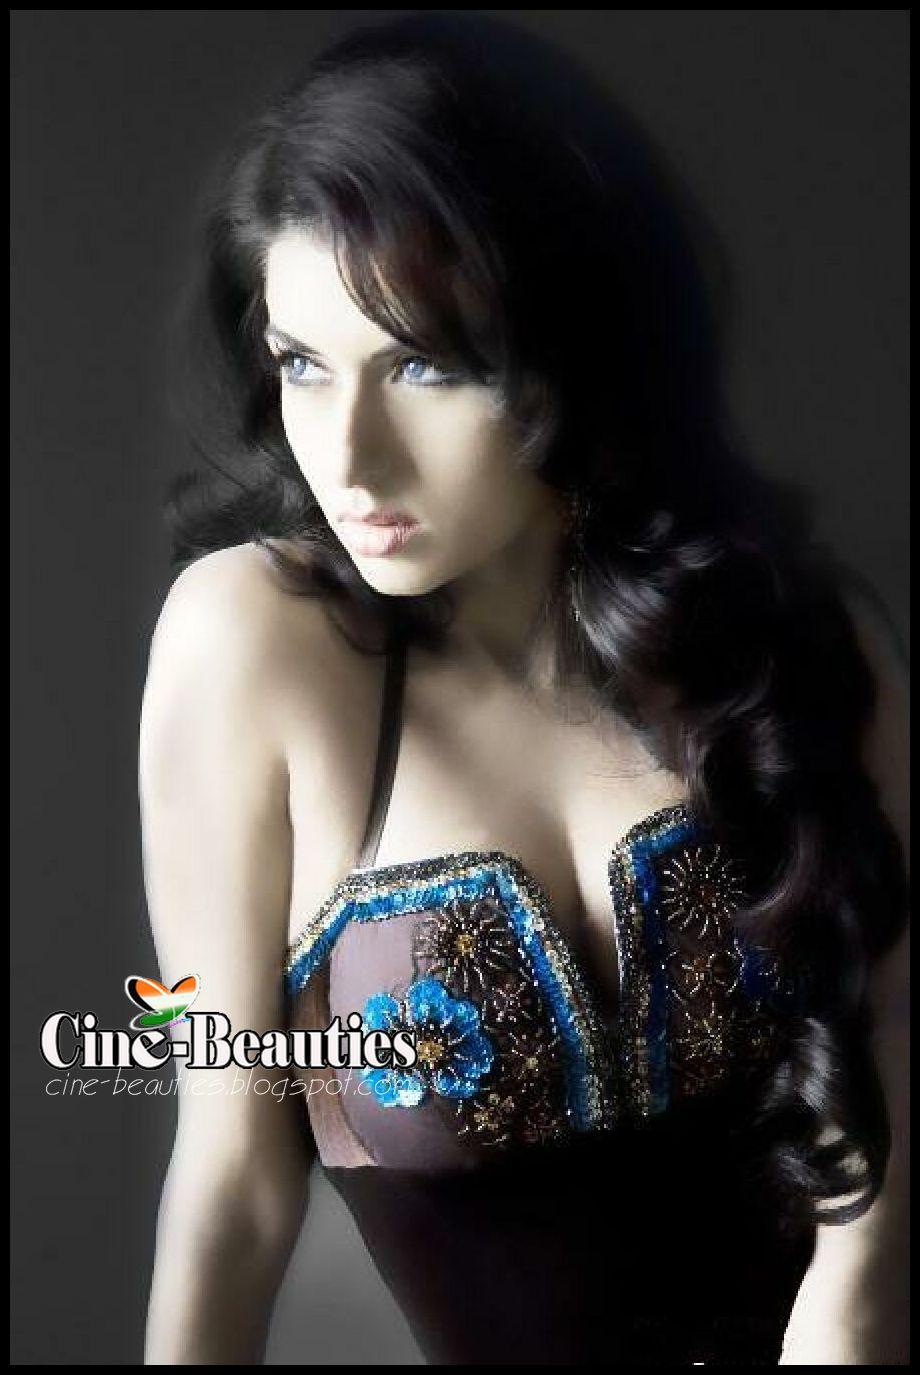 Bhagyashree Bhagyashri Indian Bollywood Hindi Film Tv Actress Hot